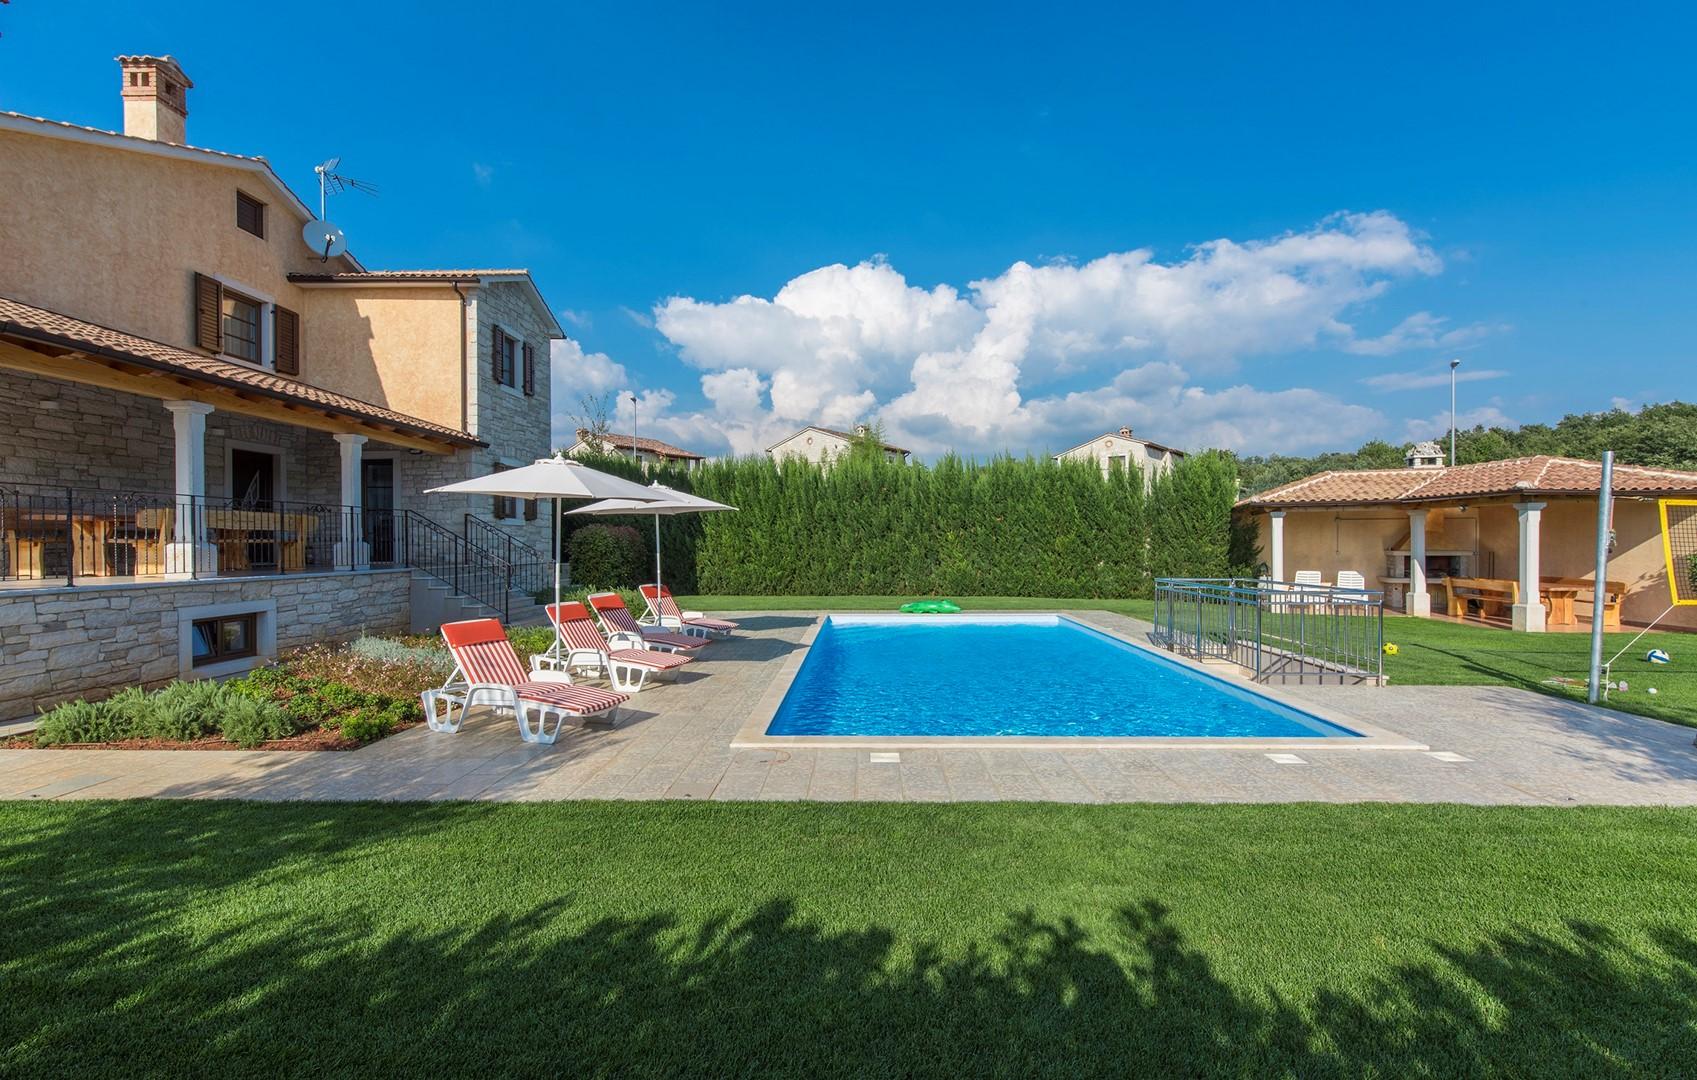 Ferienhaus Geräumige Villa Nikka mit schönem Garten und Pool (1412592), Kanfanar, , Istrien, Kroatien, Bild 4